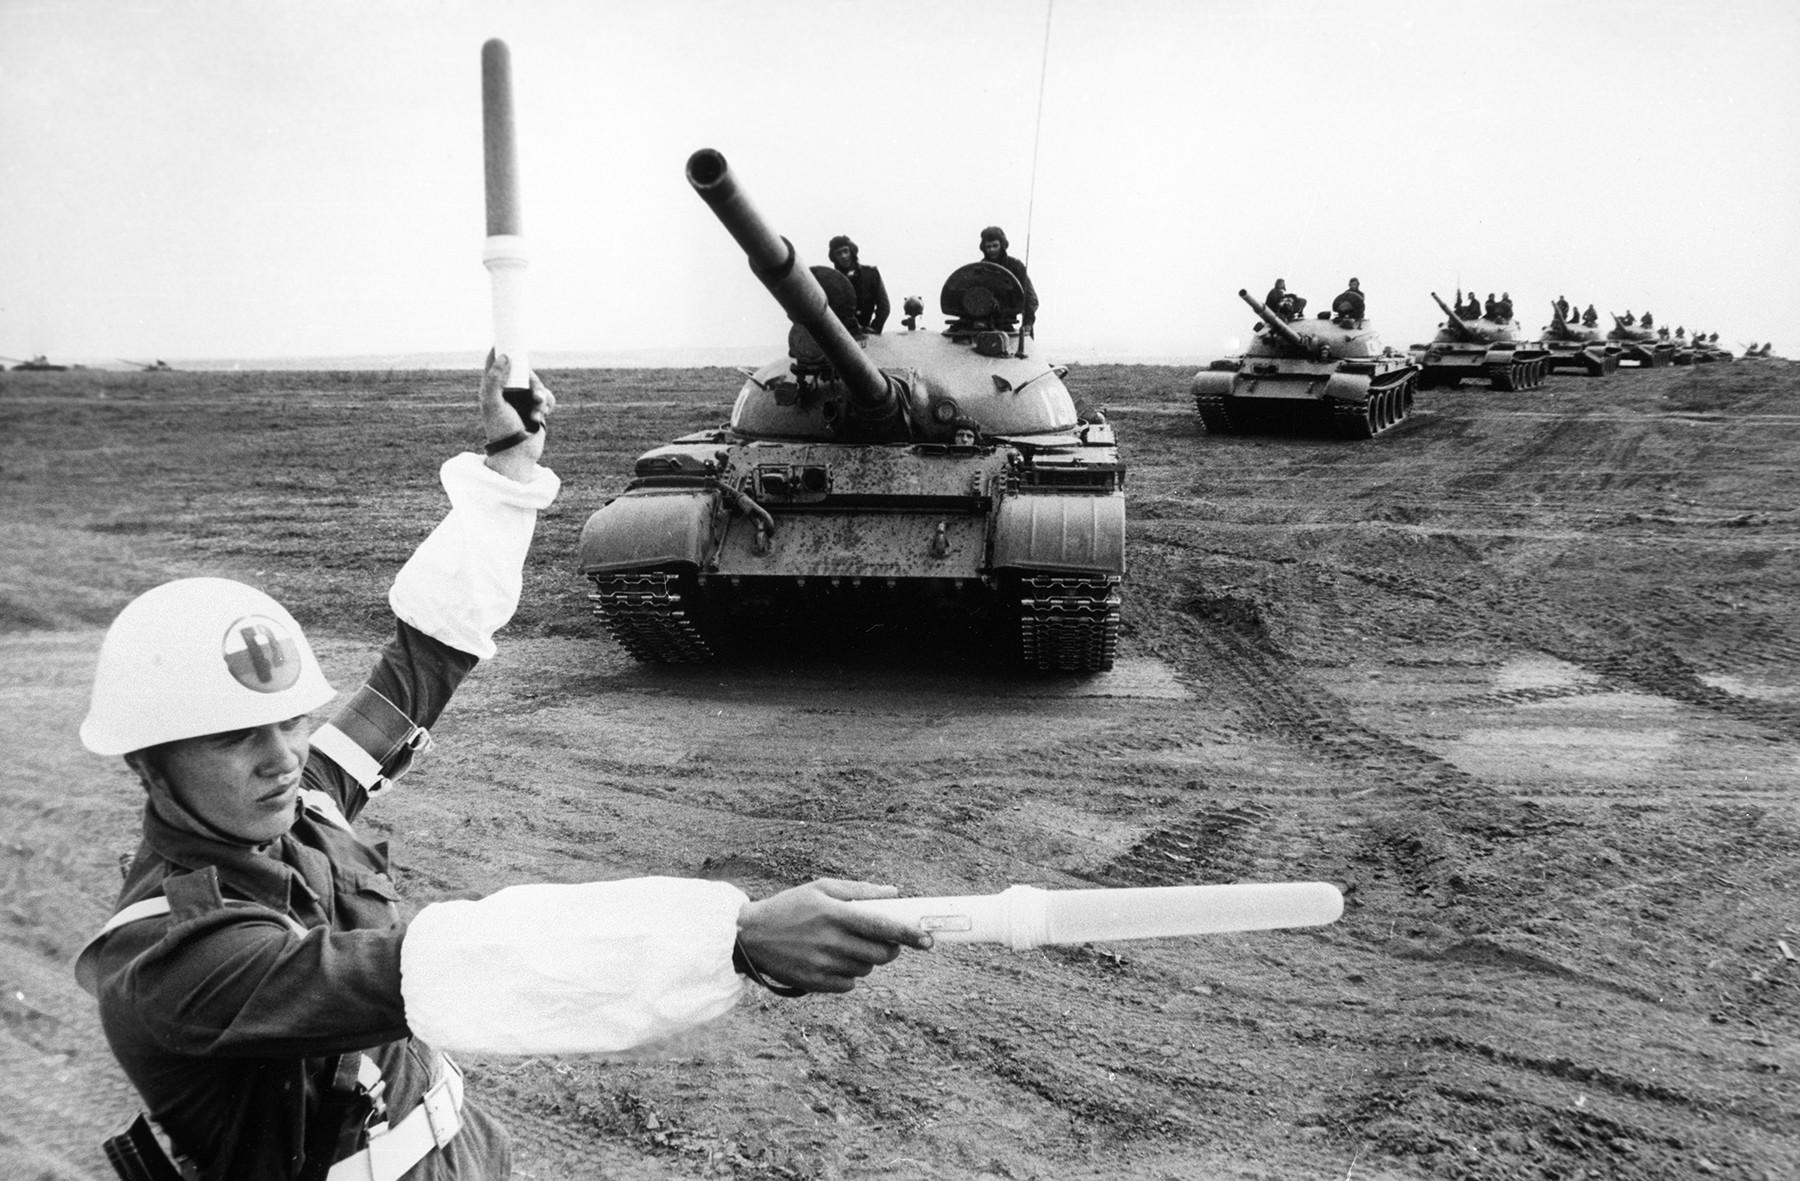 Maniobras militares del Pacto de Varsovia Escudo-82, Bulgaria.